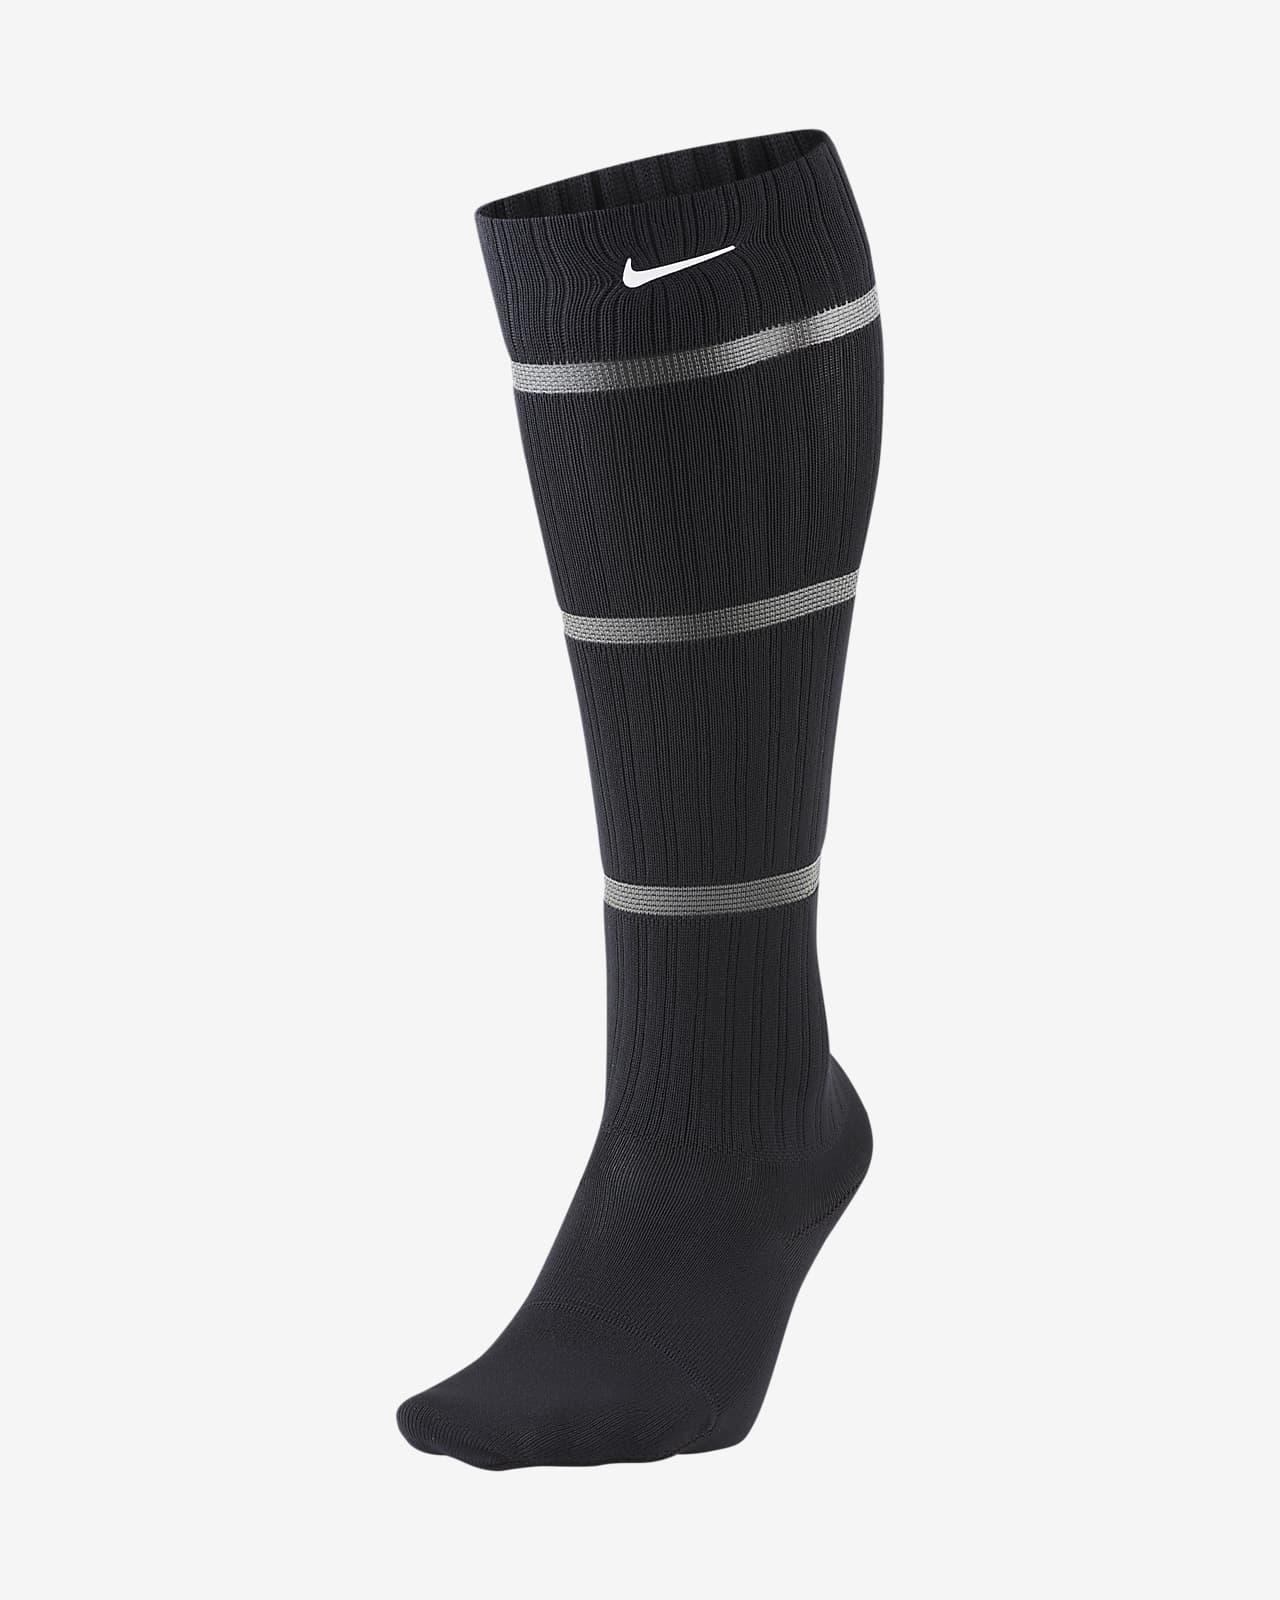 Nike One Over-the-Calf Kadın Antrenman Çorapları